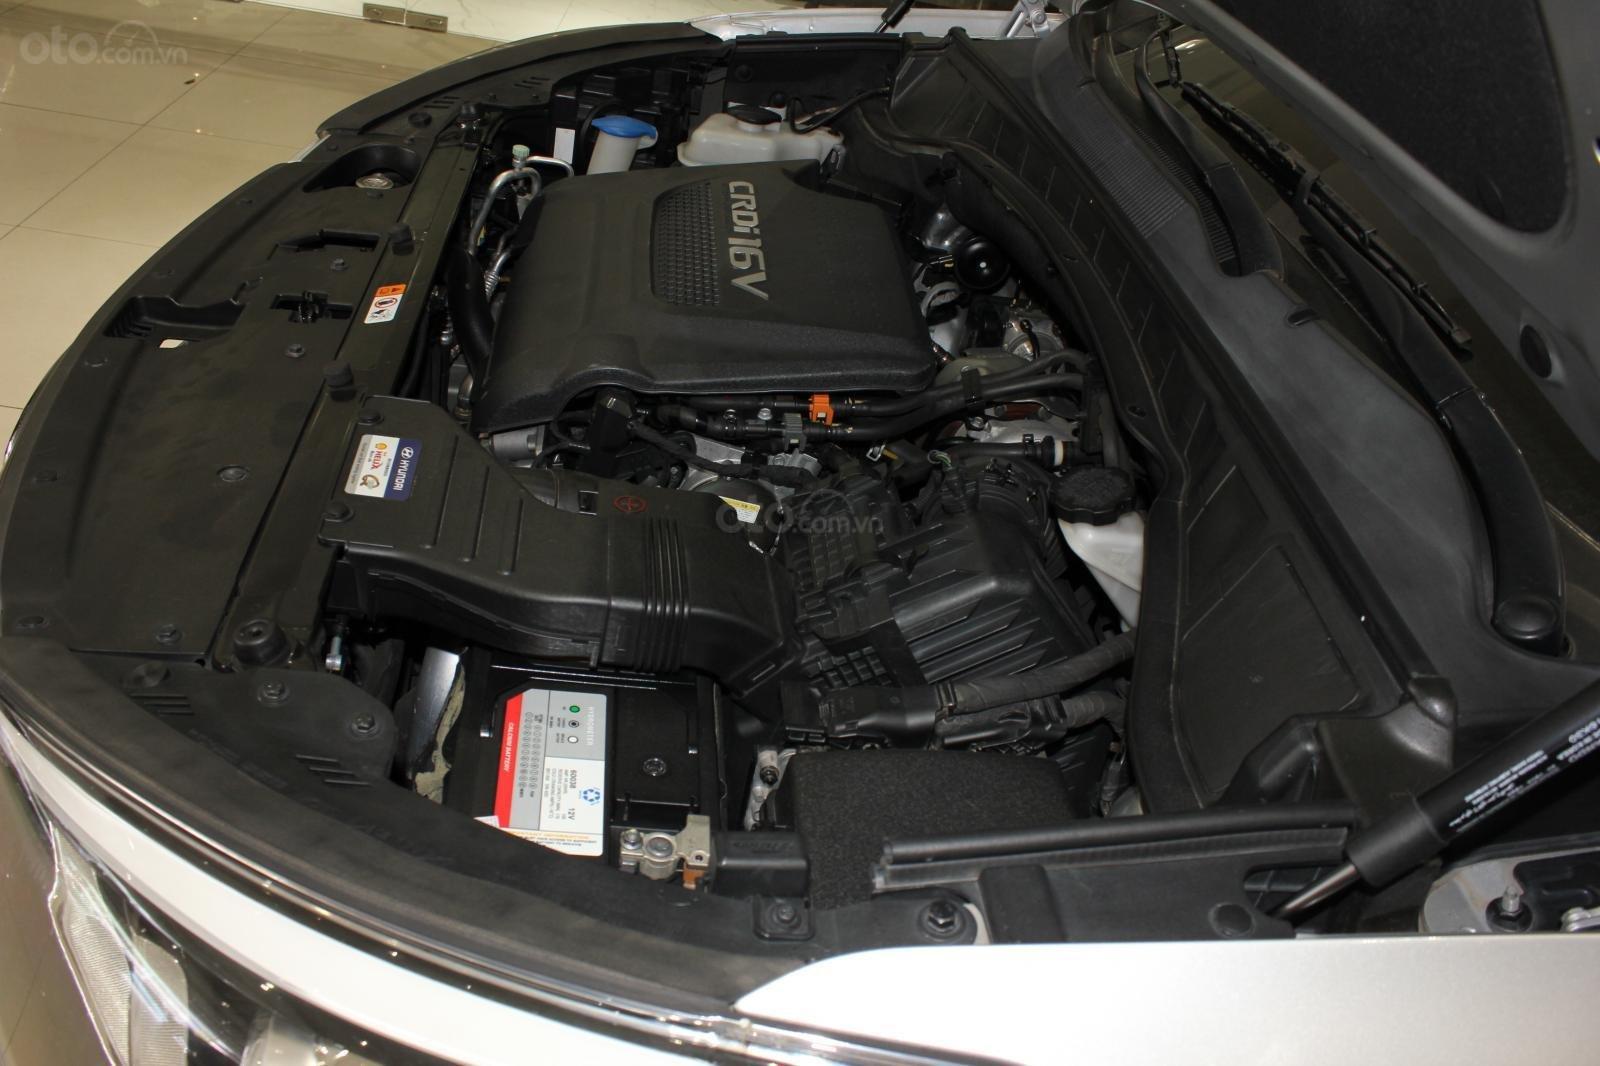 Bán xe Hyundai Santa Fe 2.2 4WD năm sản xuất 2017, màu bạc (20)